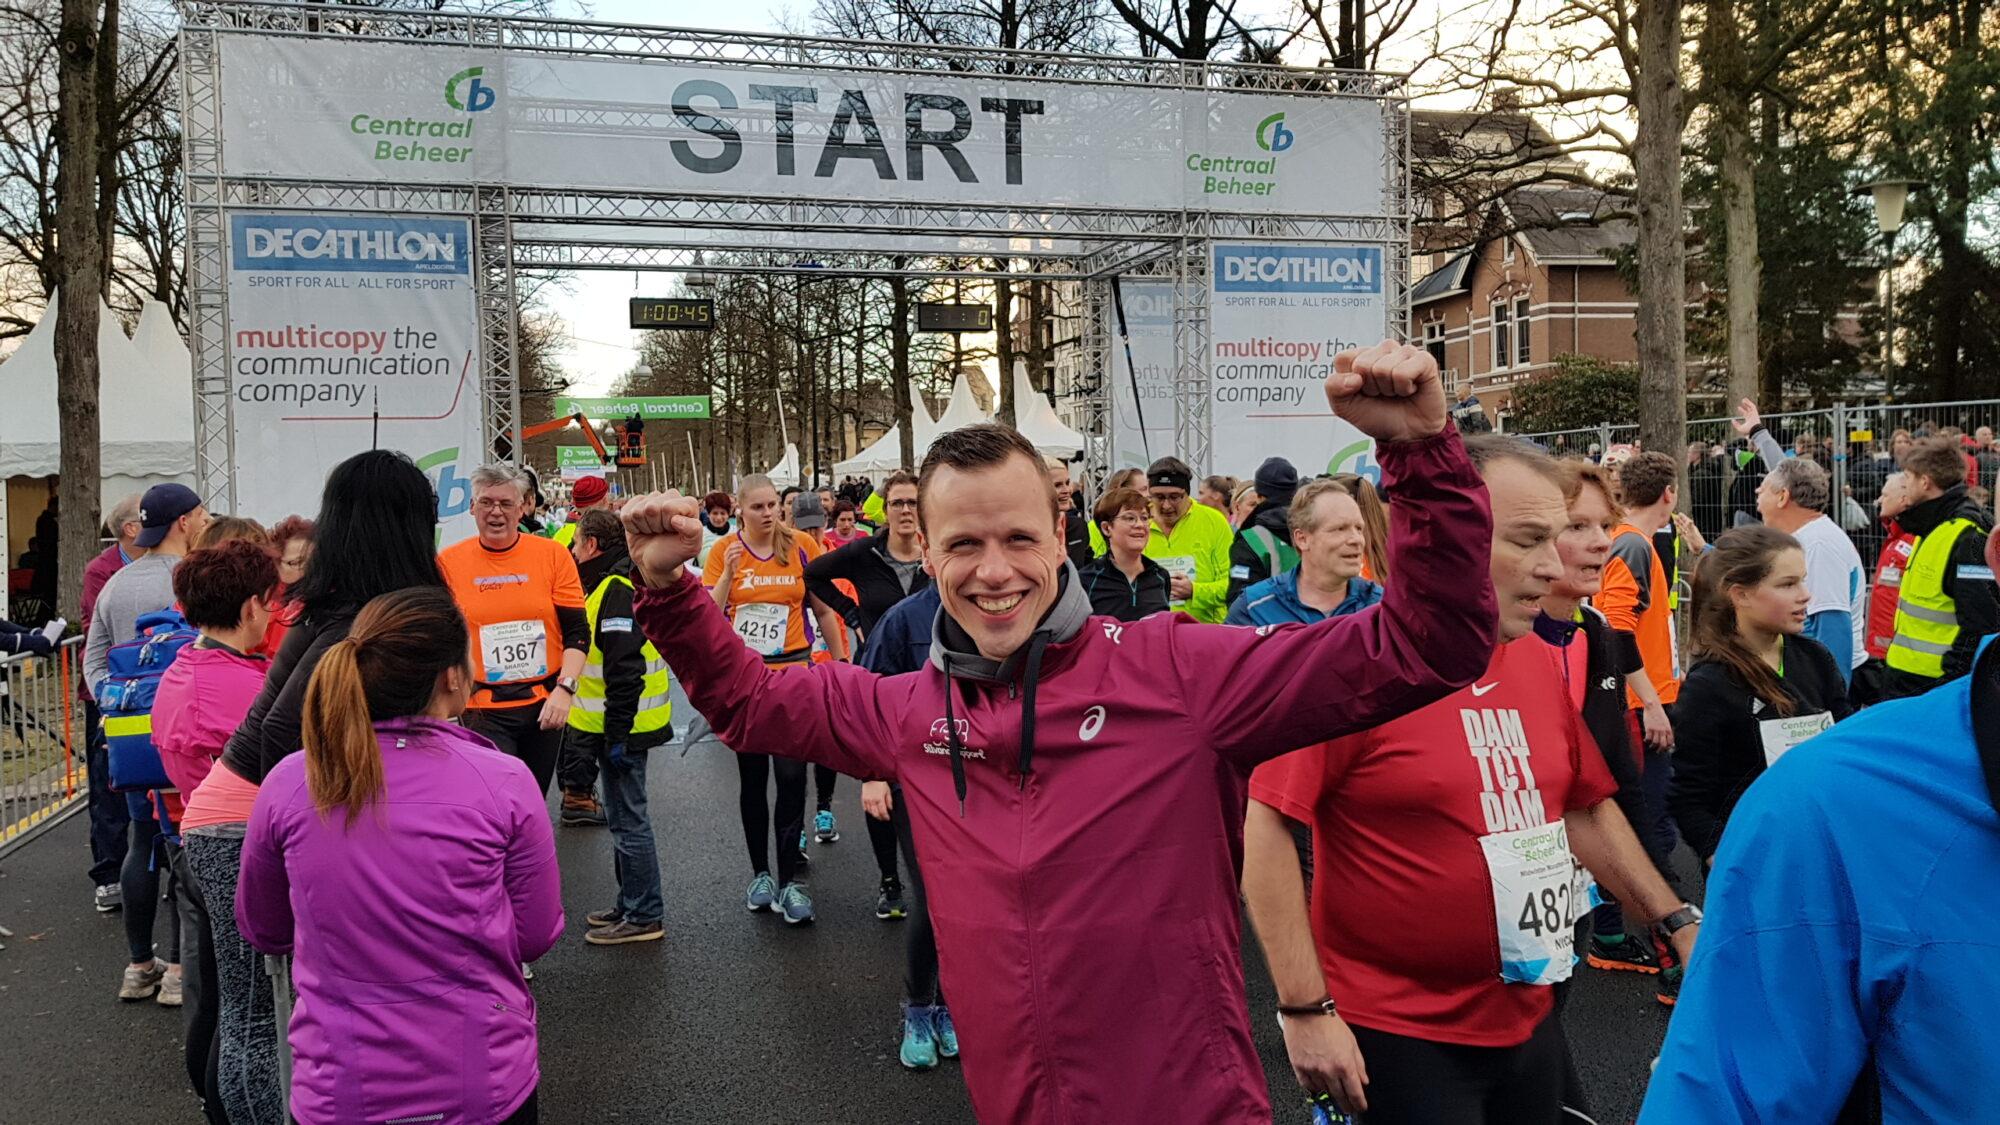 Maak kans op een plek in het Silvana Running Team van Dennis Licht